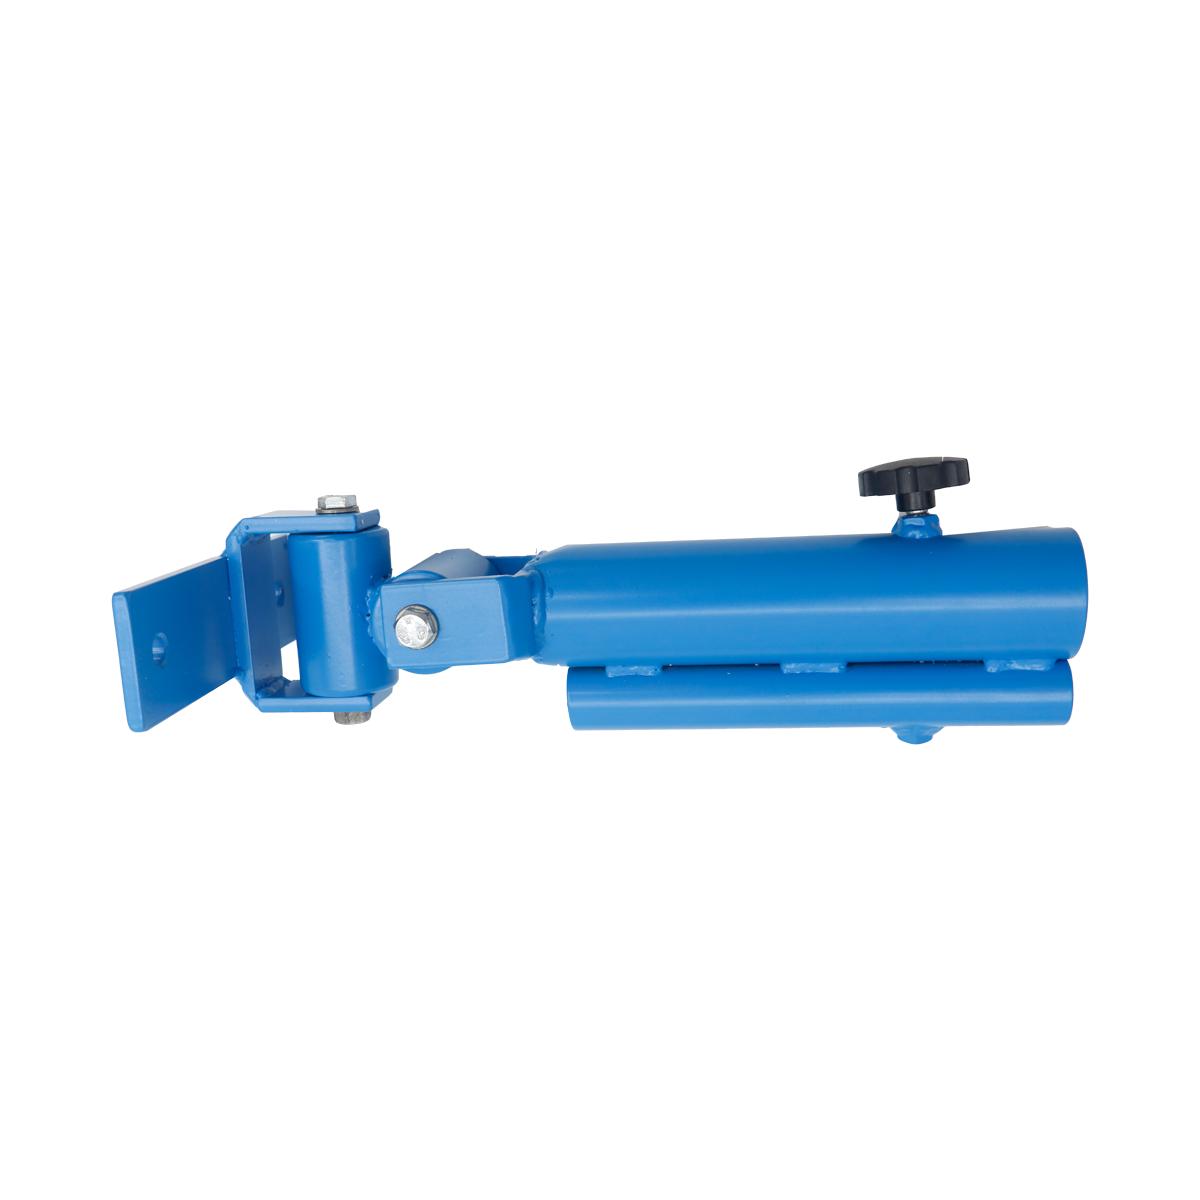 Βάση Σταυρού (T-Bar) 380x110mm για μπάρα Φ50 & Φ27